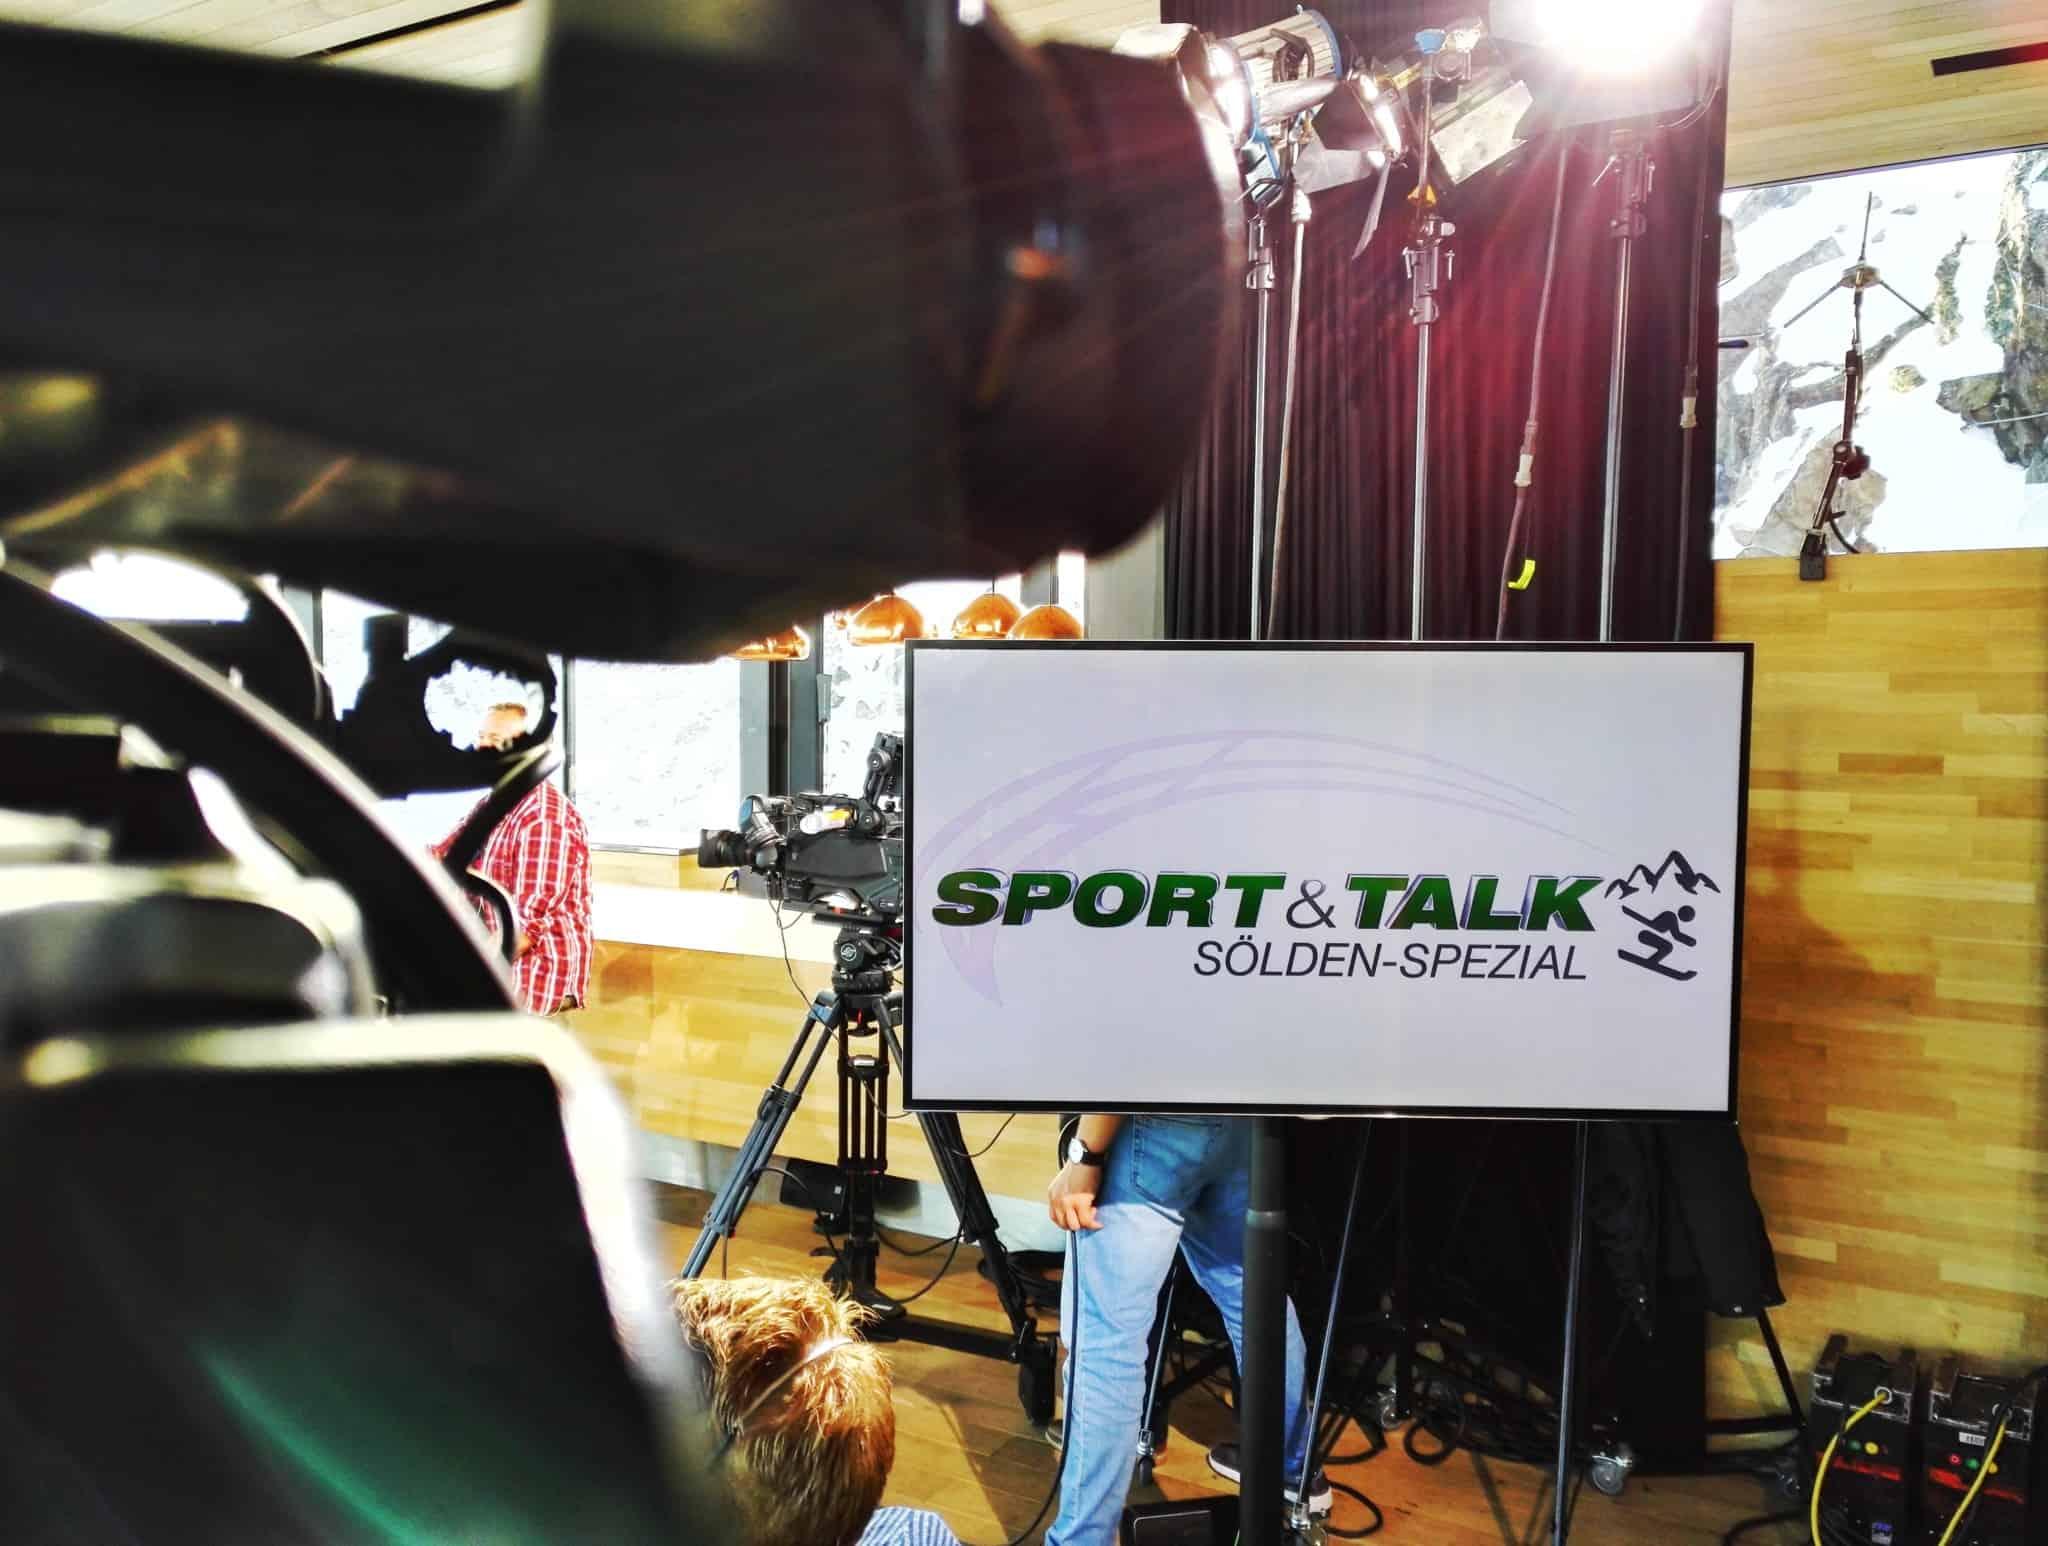 ServusTv Sport und Talk aus dem hangar7 soelden spezial 11 - ServusTV - Sport und Talk aus dem Hangar 7 - Sölden Spezial